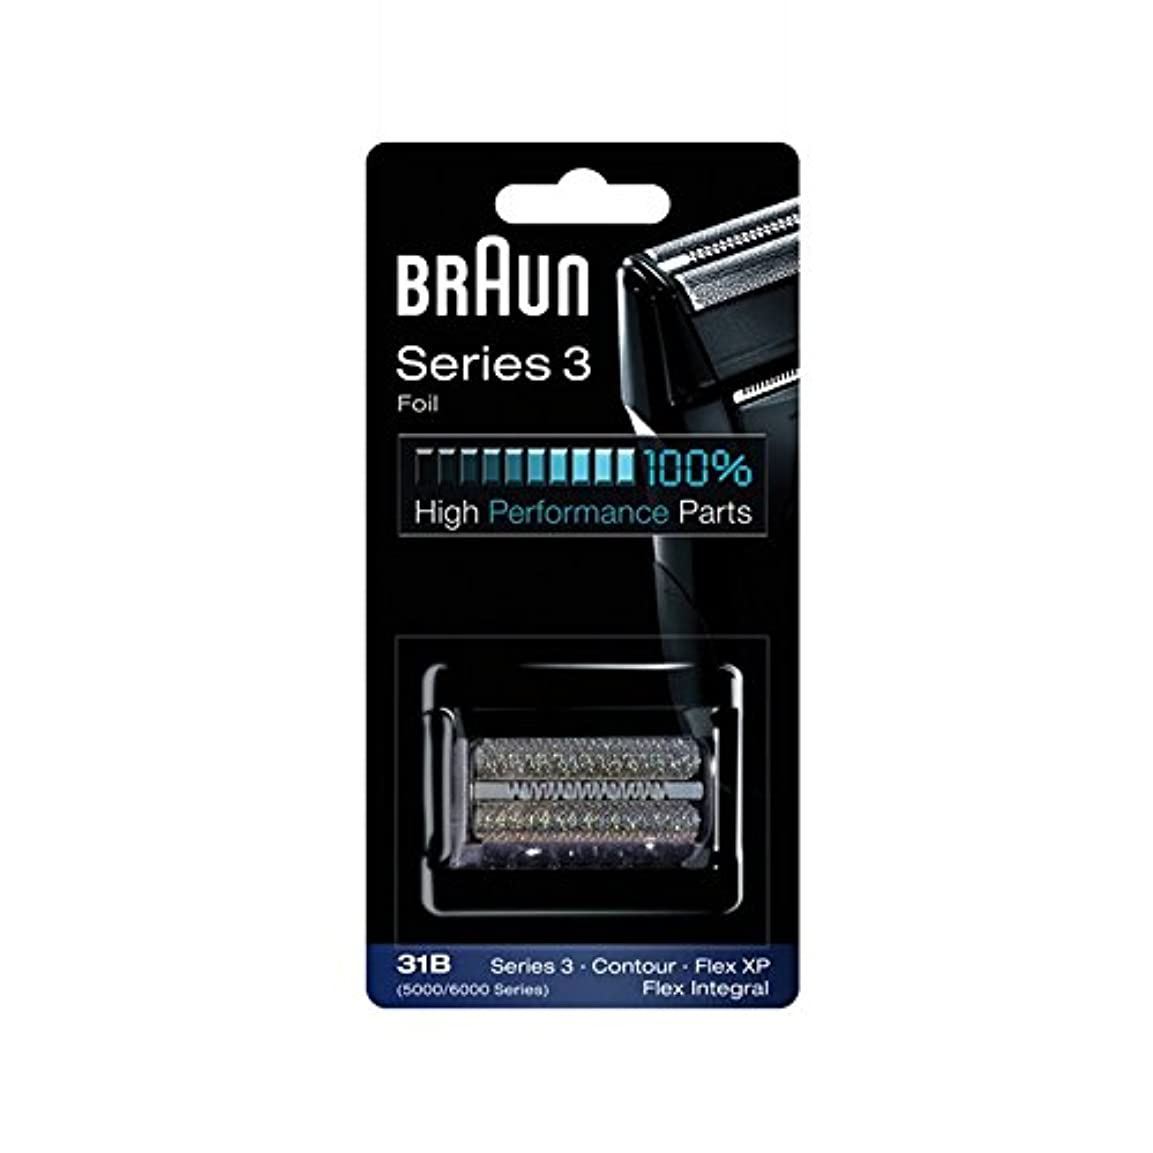 脅迫前書き血まみれの[Only Foil] Braun 31B それが唯一のシェーバー箔を含む箔(含まれないものカッター) [並行輸入品]